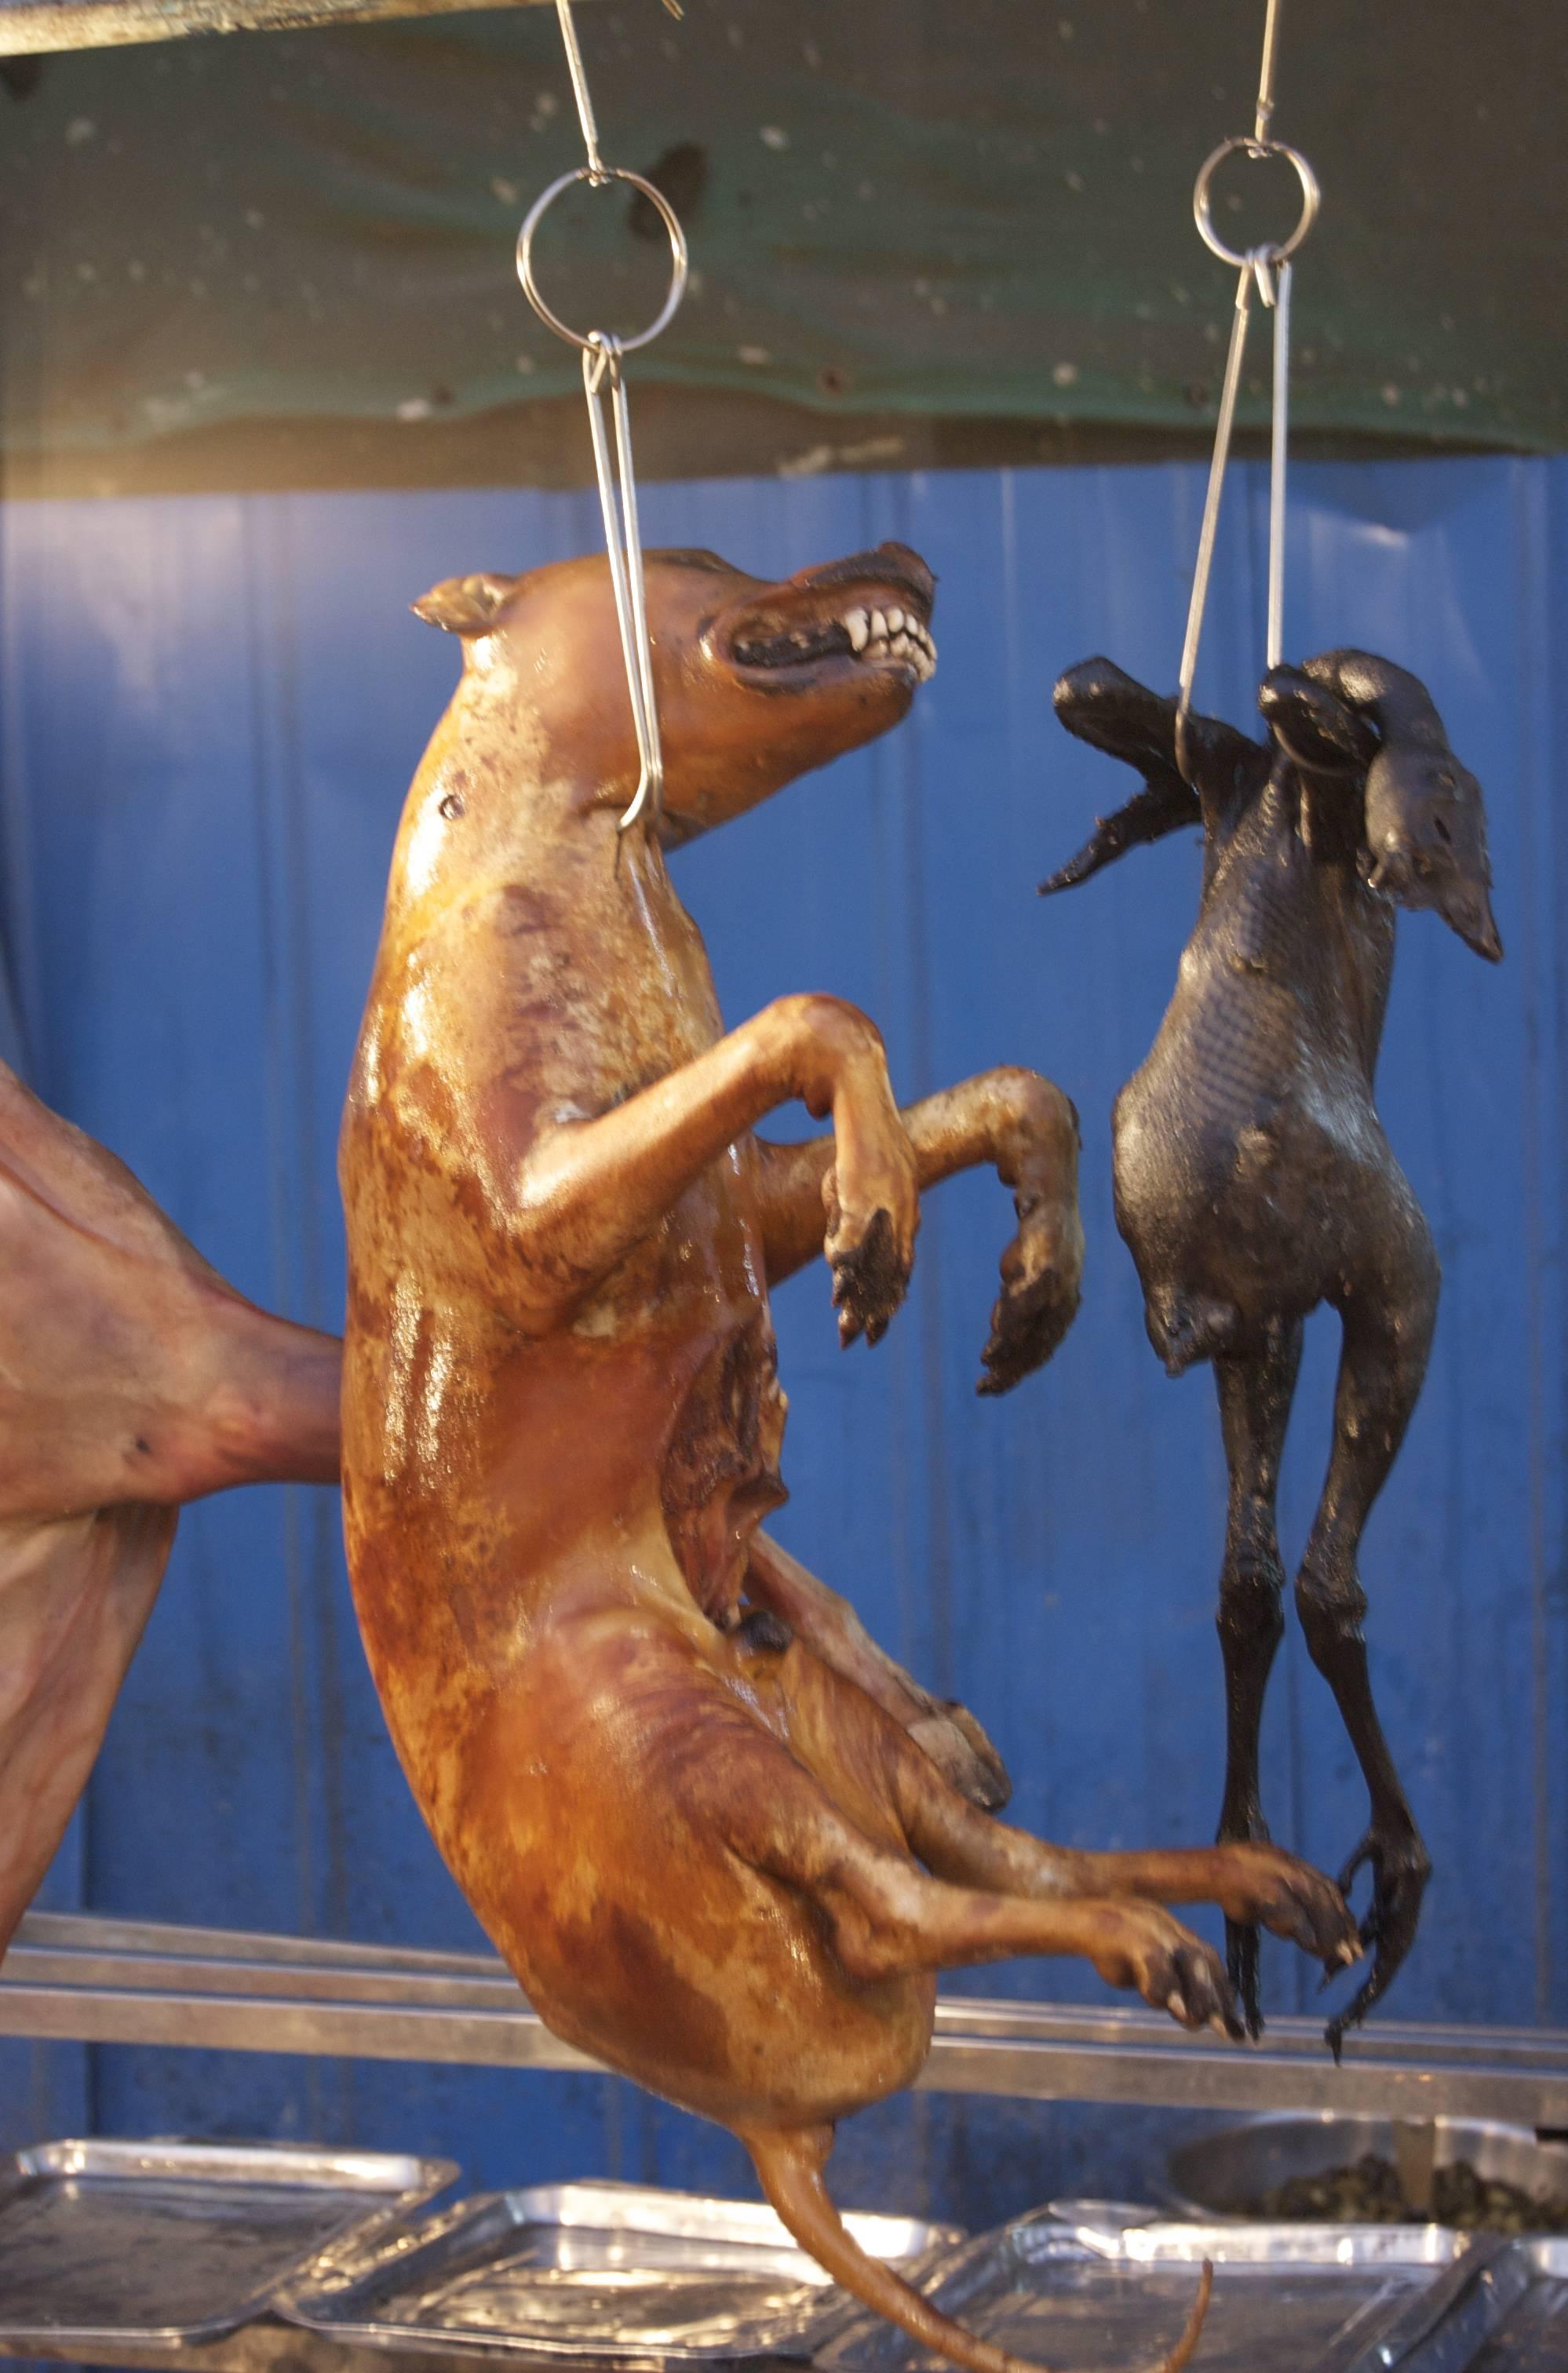 Upieczone psy kontrowersyjny festiwal w chinach